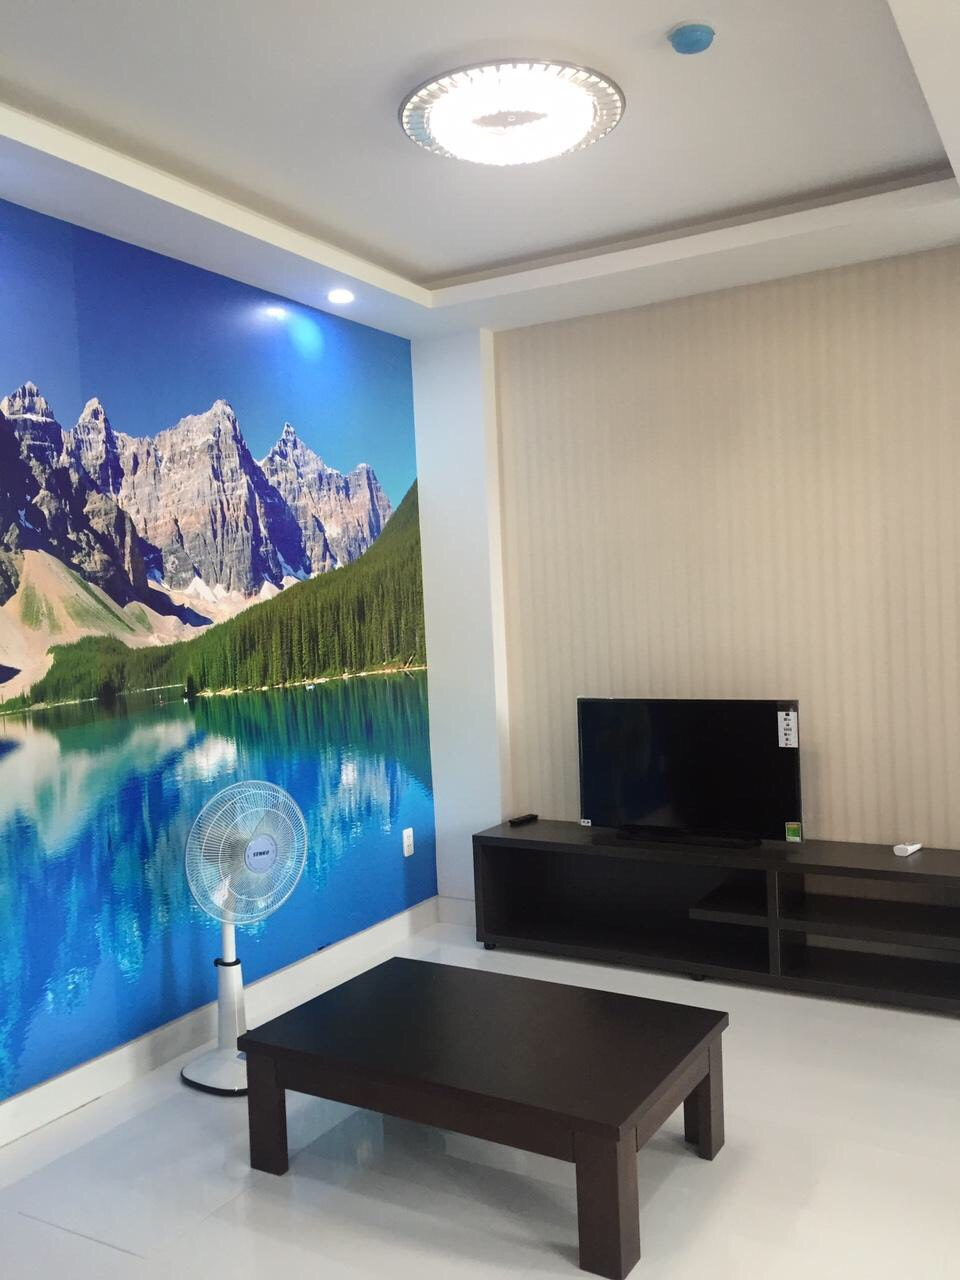 Cho thuê căn hộ mini khu Trung Sơn giáp Quận 7 DT: 30-45m2, full nội thất, kệ bếp